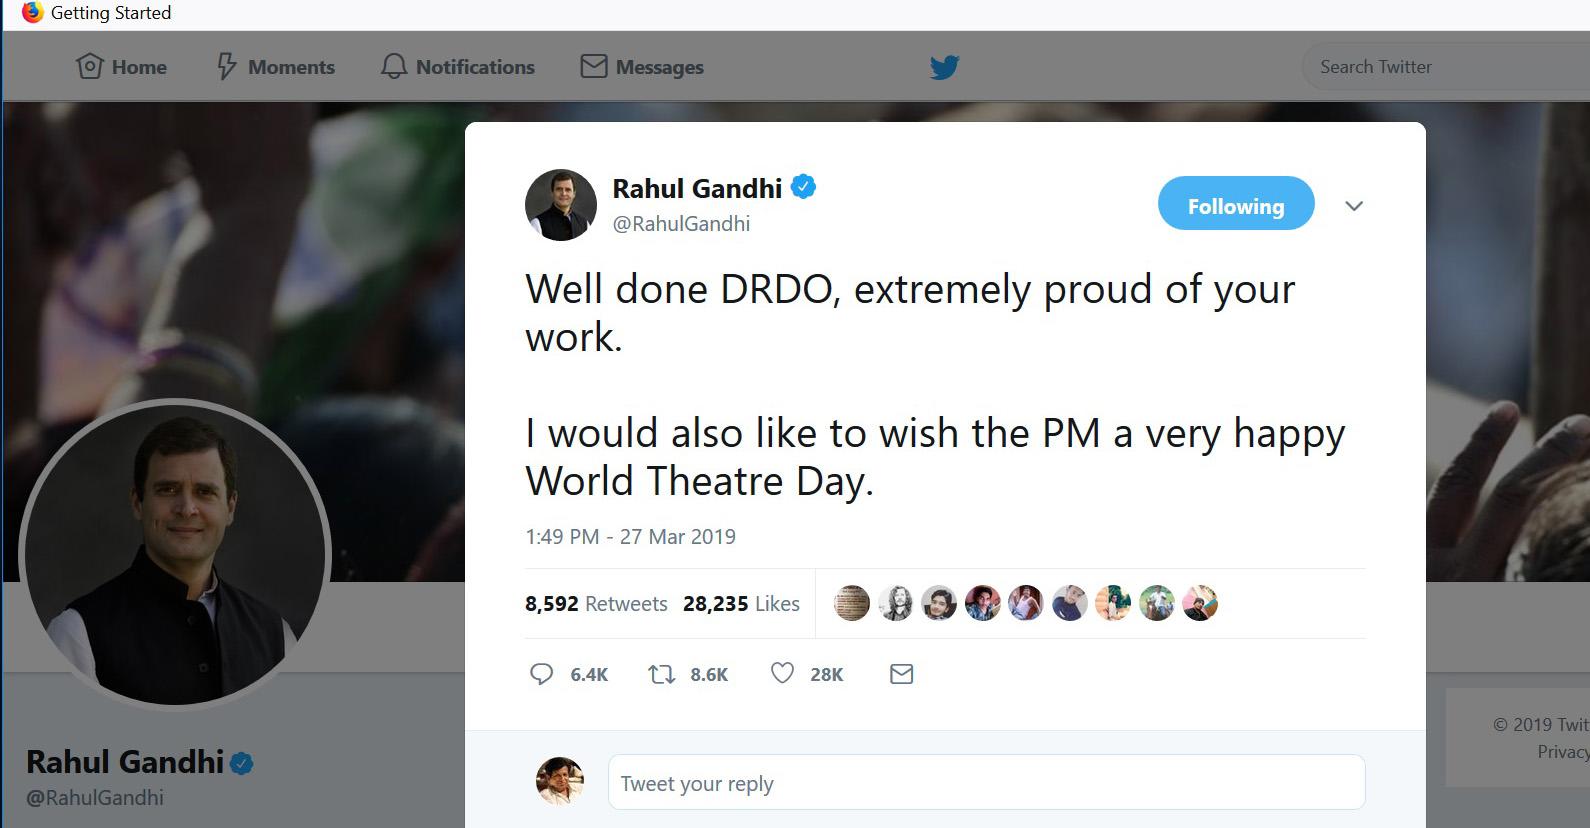 राहुल गांधीकडून मोदींना जागतिक रंगभूमी दिनाच्या शुभेच्छा